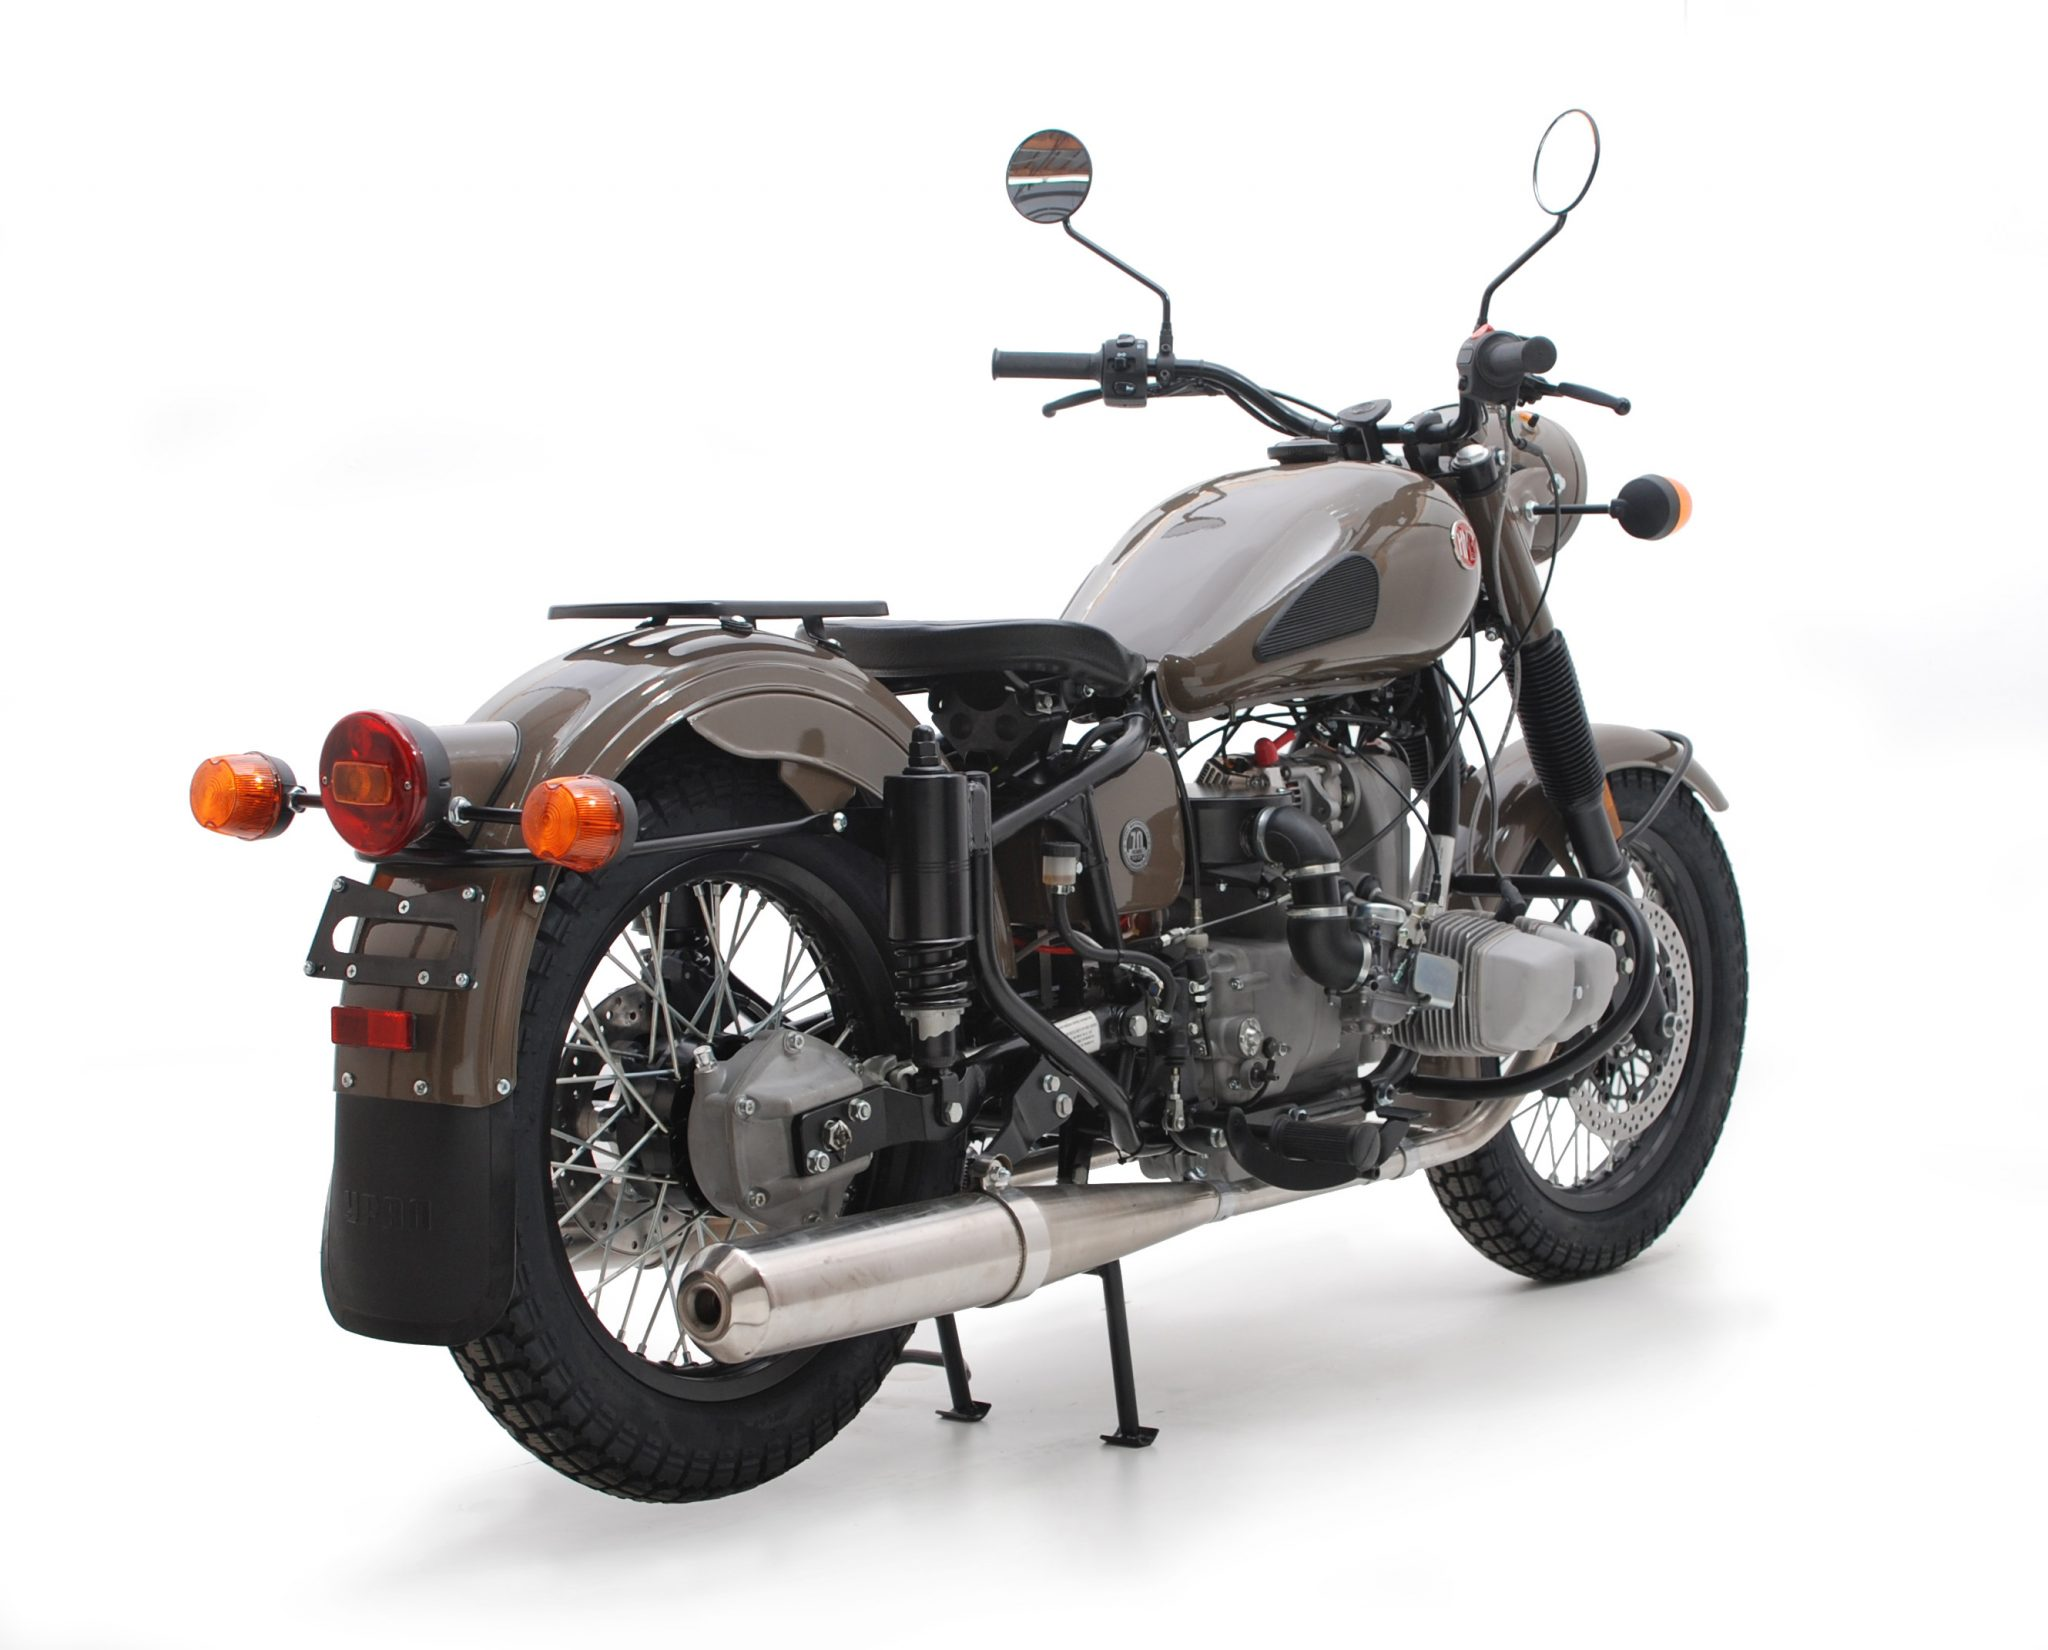 Новые мотоциклы Урал: продолжение отечественных традиций